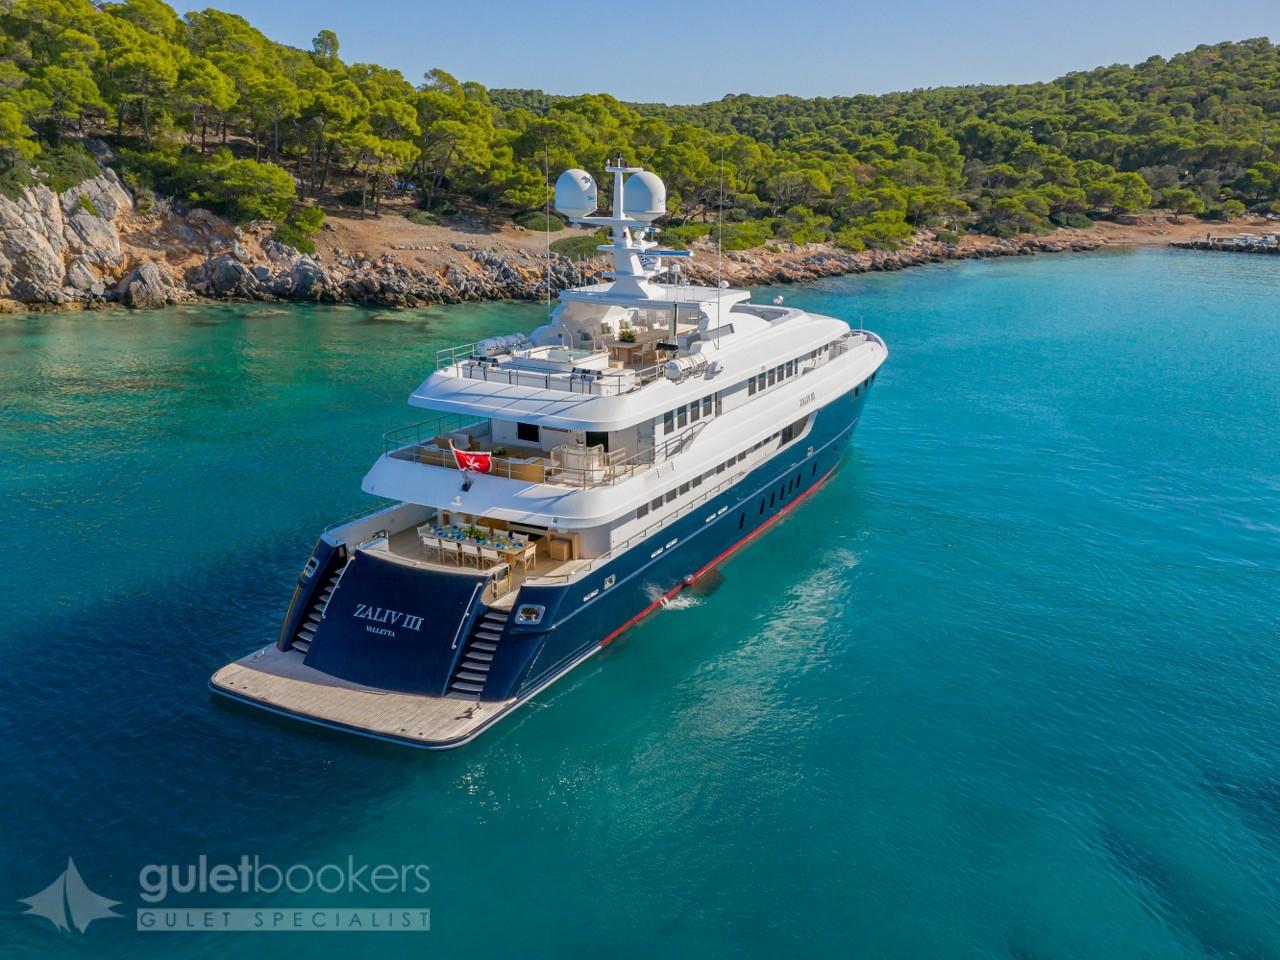 Motor Yacht Zaliv III